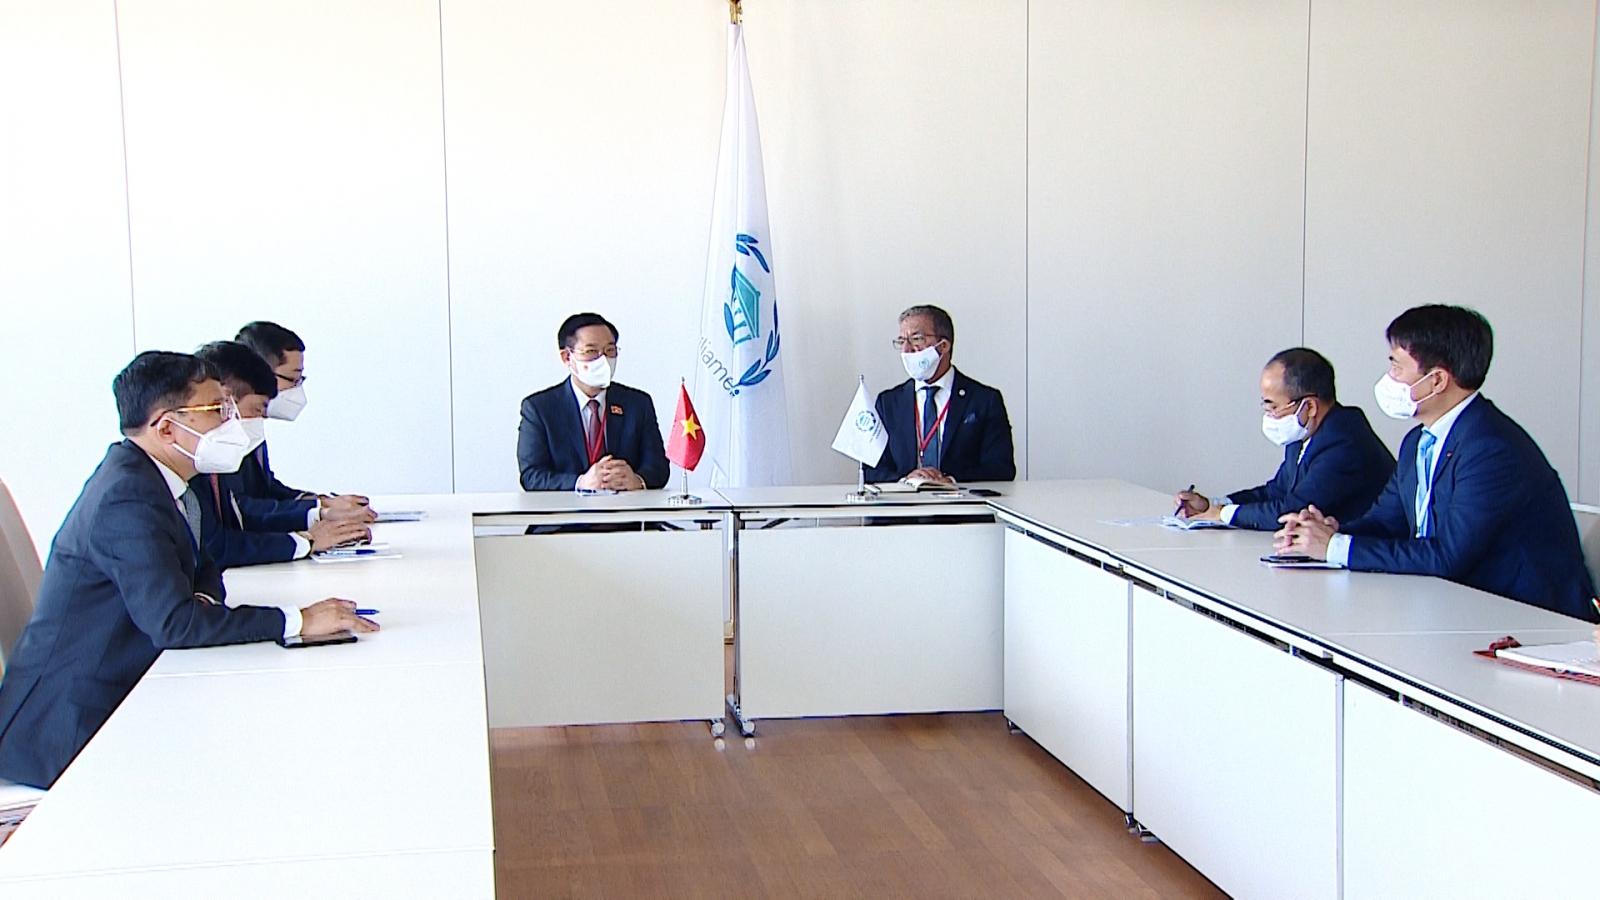 Chủ tịch Quốc hội Vương Đình Huệ gặp Chủ tịch Liên minh Nghị viện thế giới Duarta Pacheco